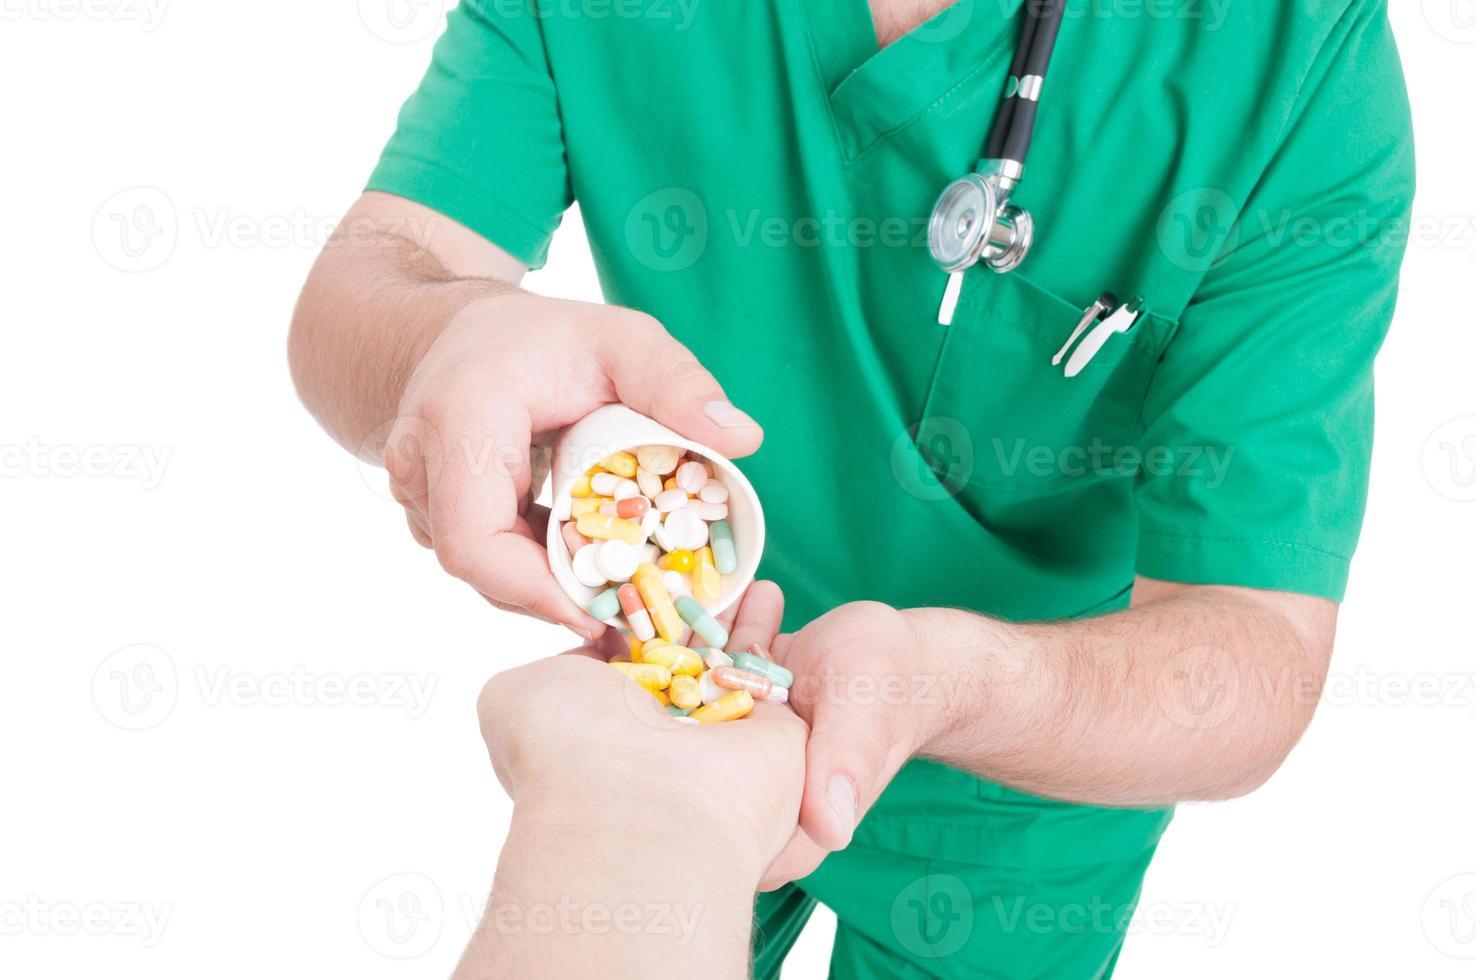 médico, médico ou farmacêutico, derramando comprimidos na mão do paciente foto